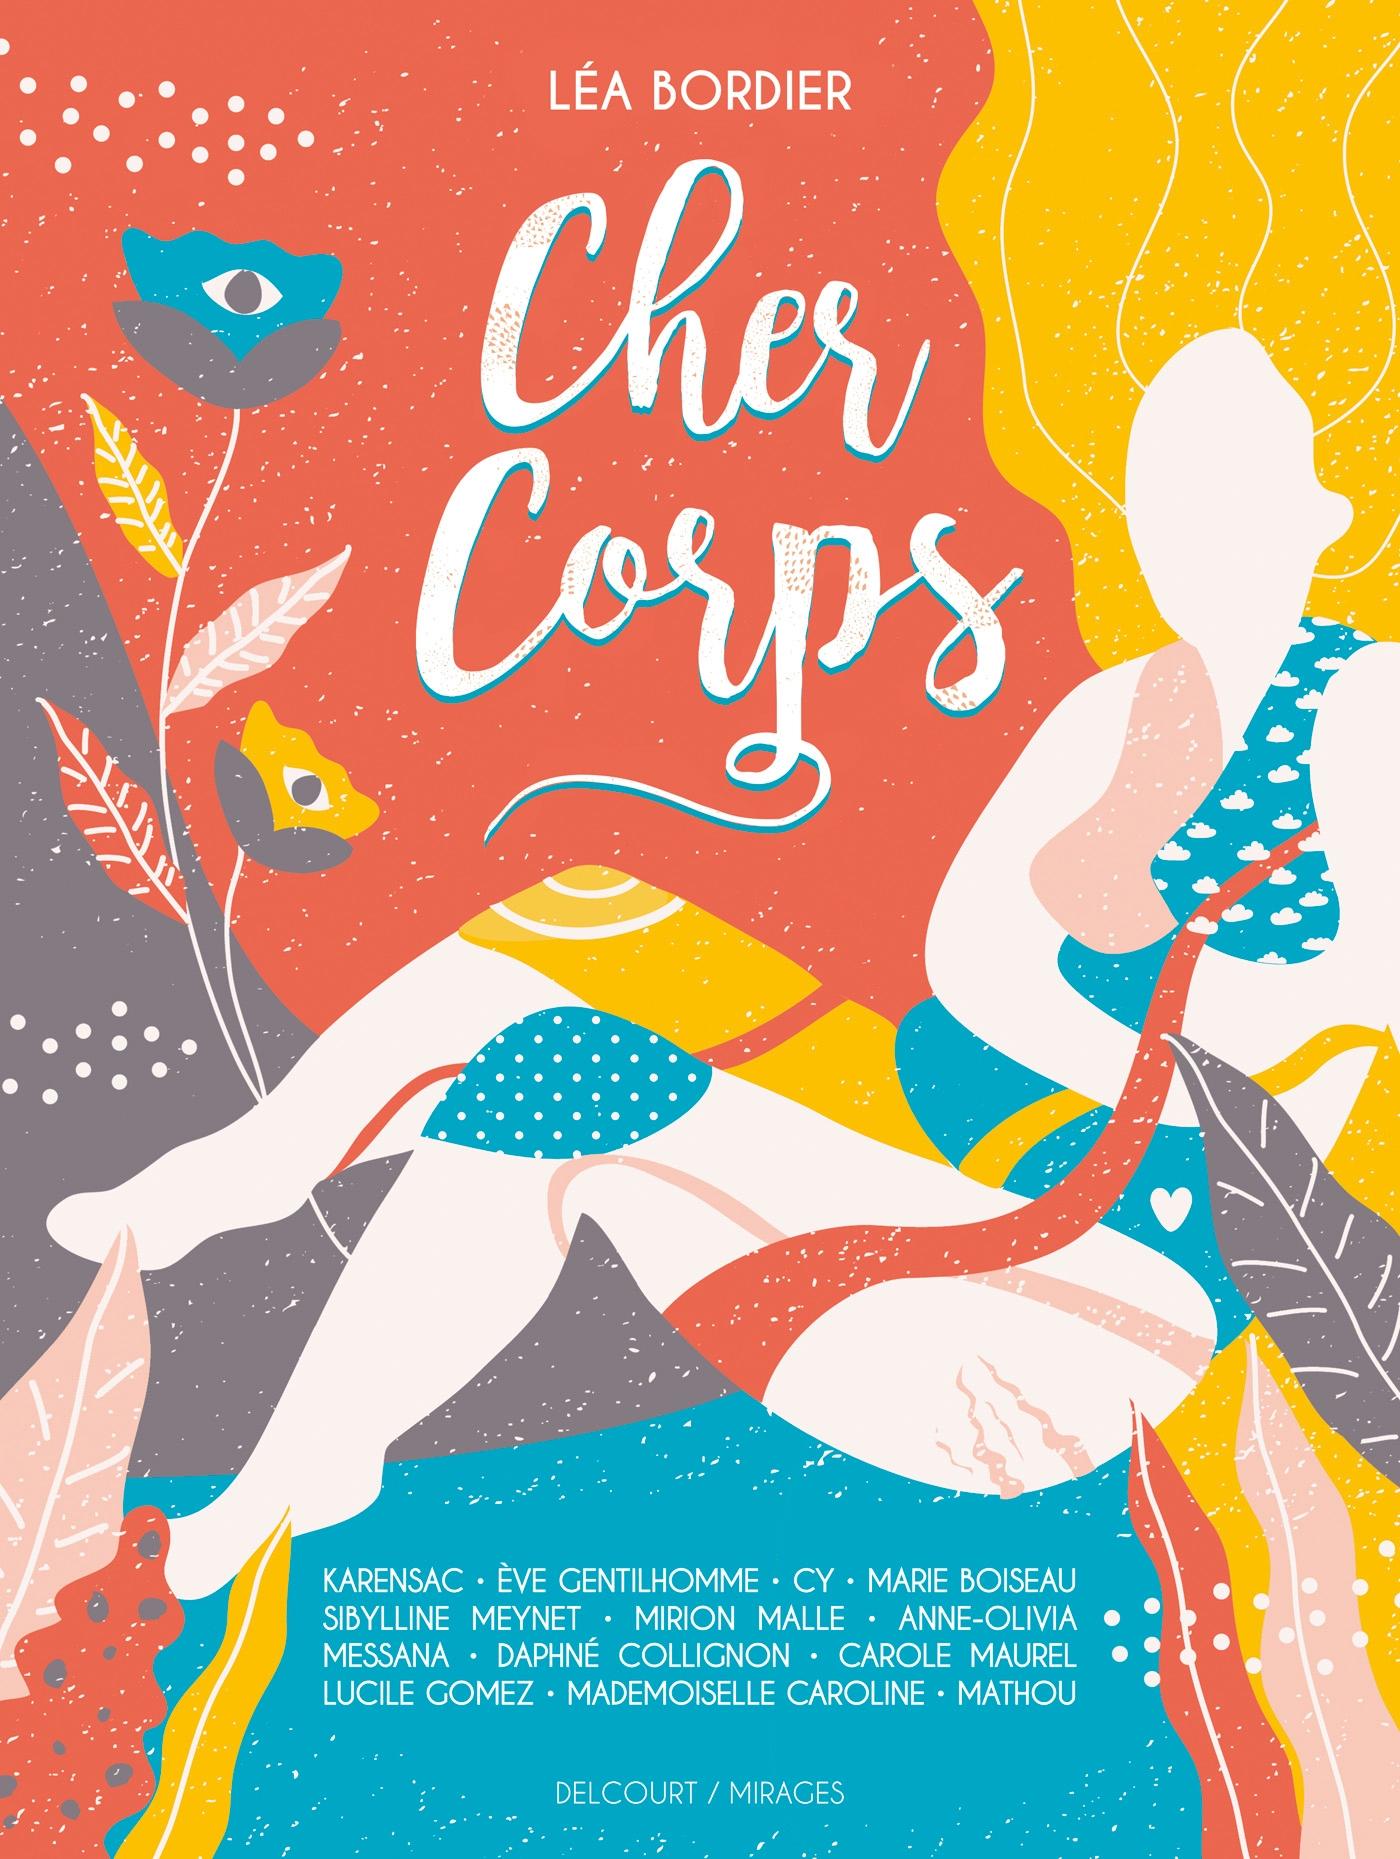 Cher Corps de Collectif, Léa Bordier - Album | Editions Delcourt